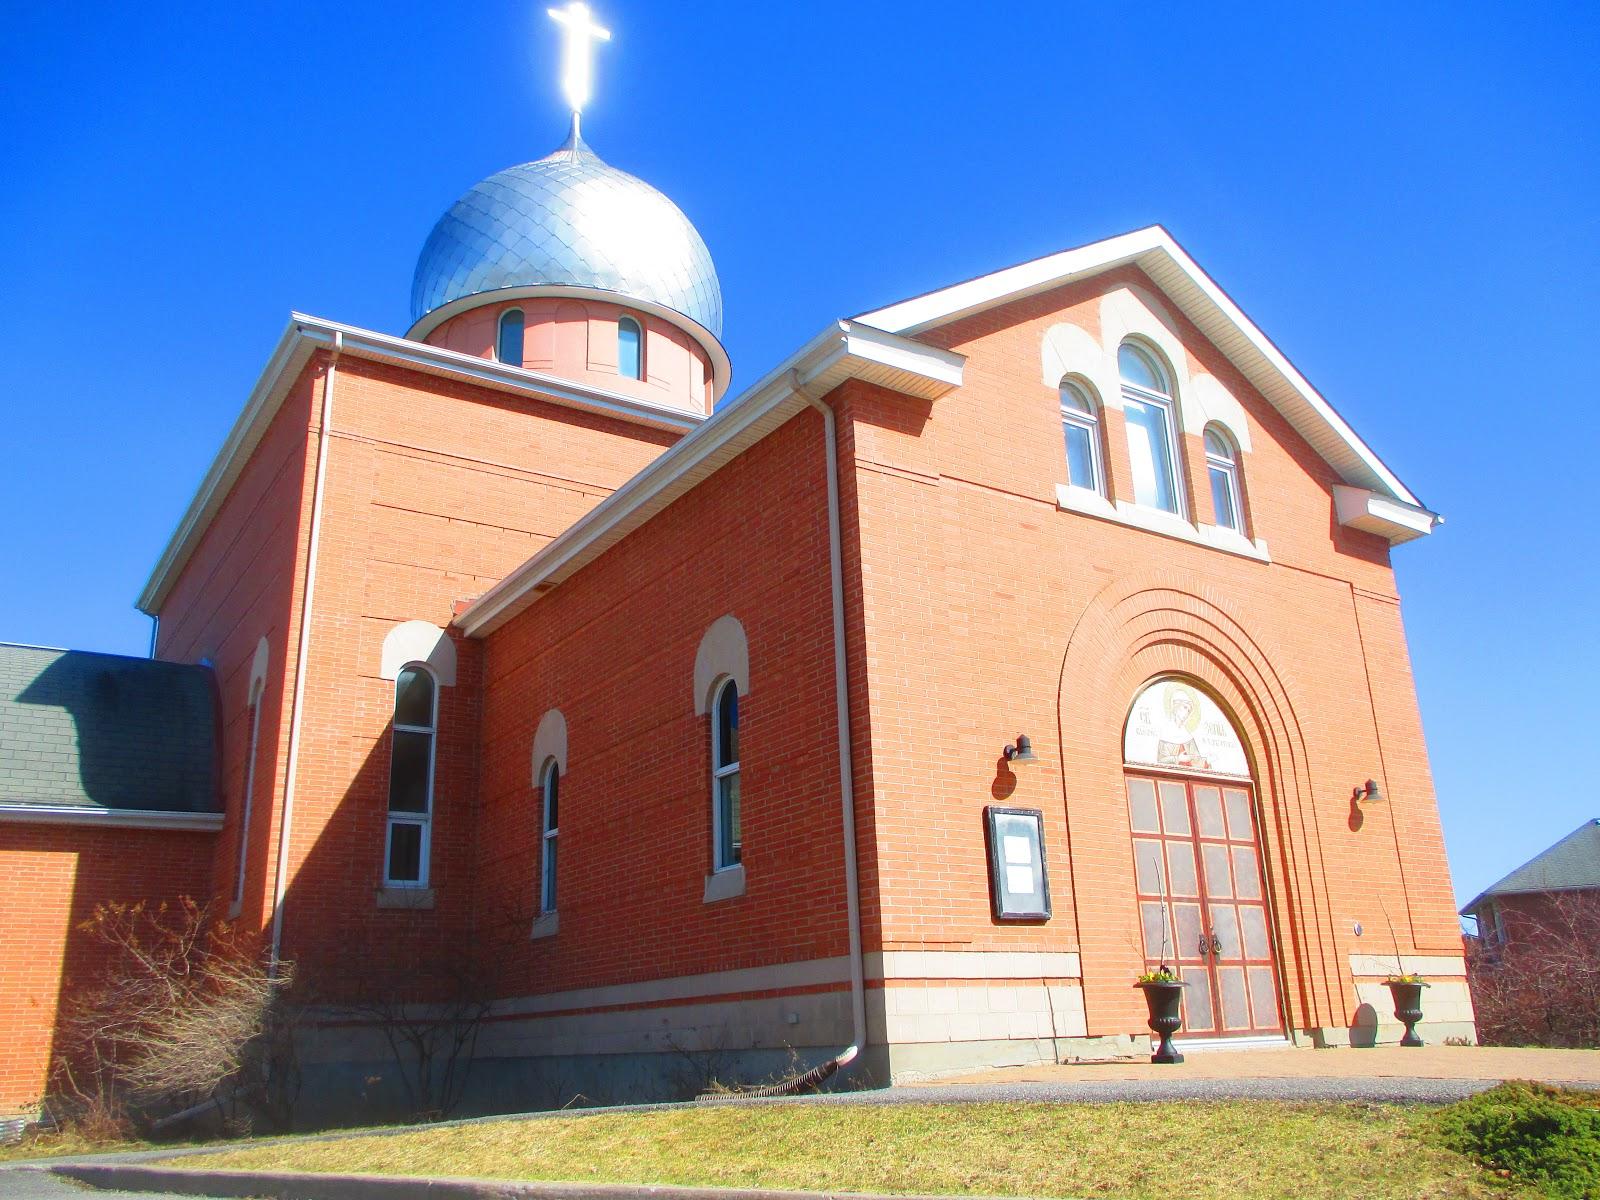 Церковь Св. Ксении Петербургской, фото 2017 года (courtesy James Deagle), Канада